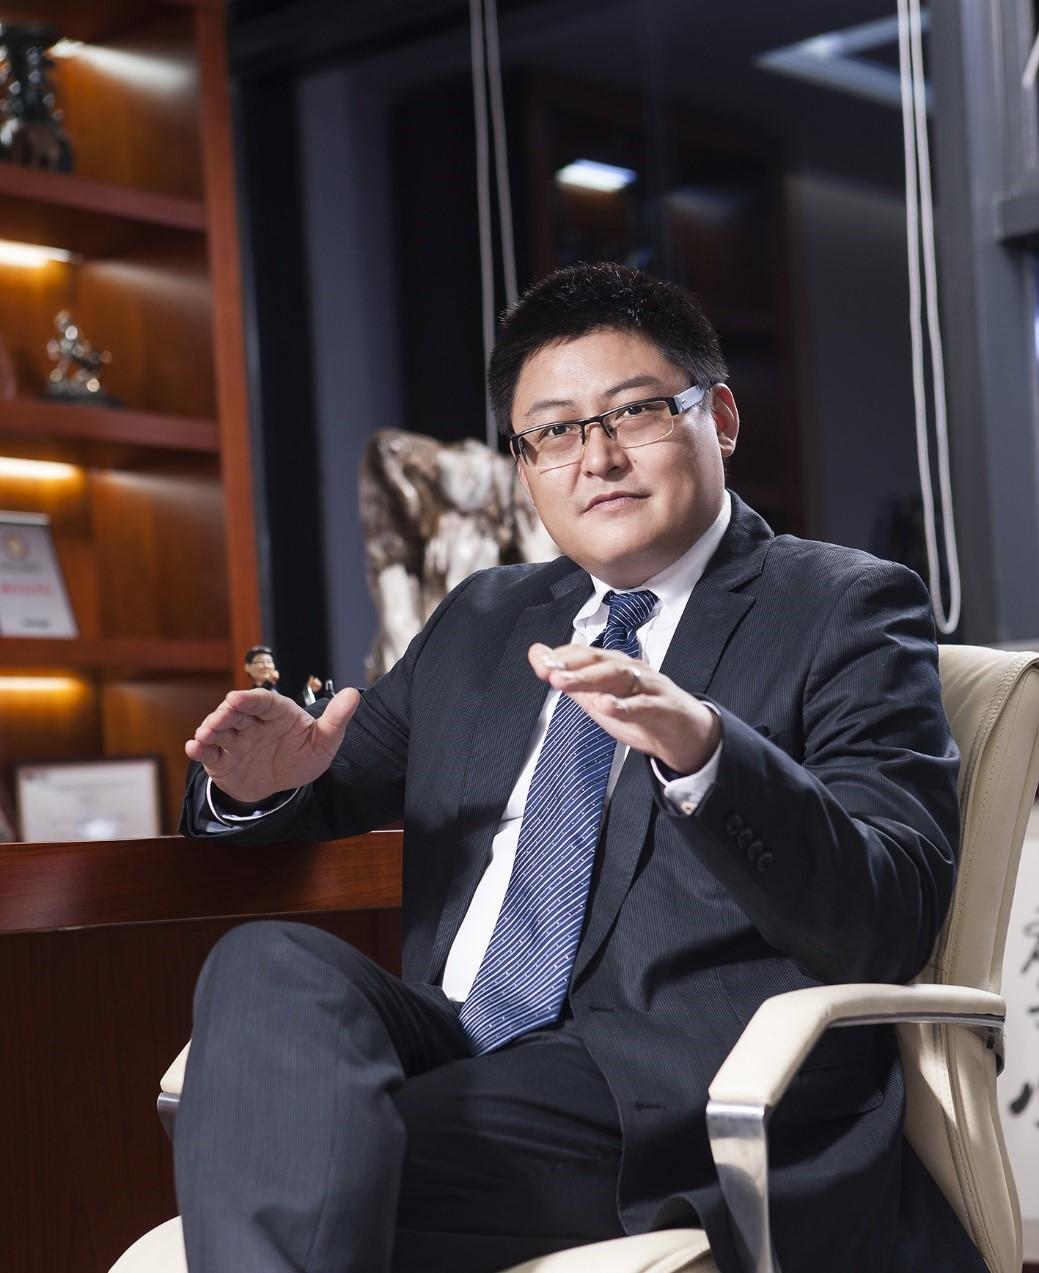 盒子科技创始人兼CEO韩森先生